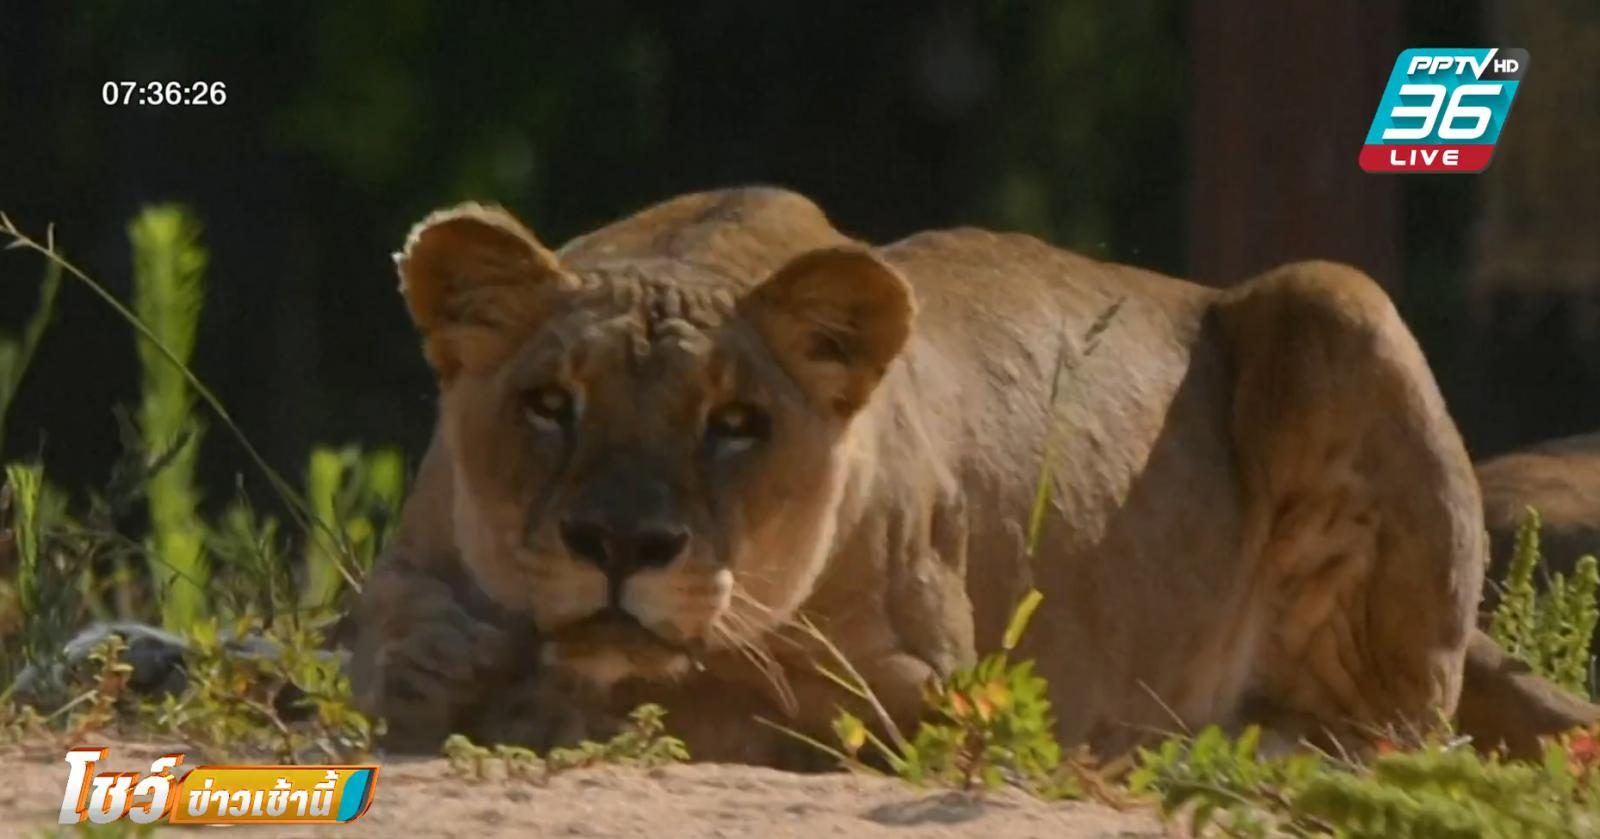 สิงโตในสวนสัตว์สเปน 4 ตัว ติดโควิด-19